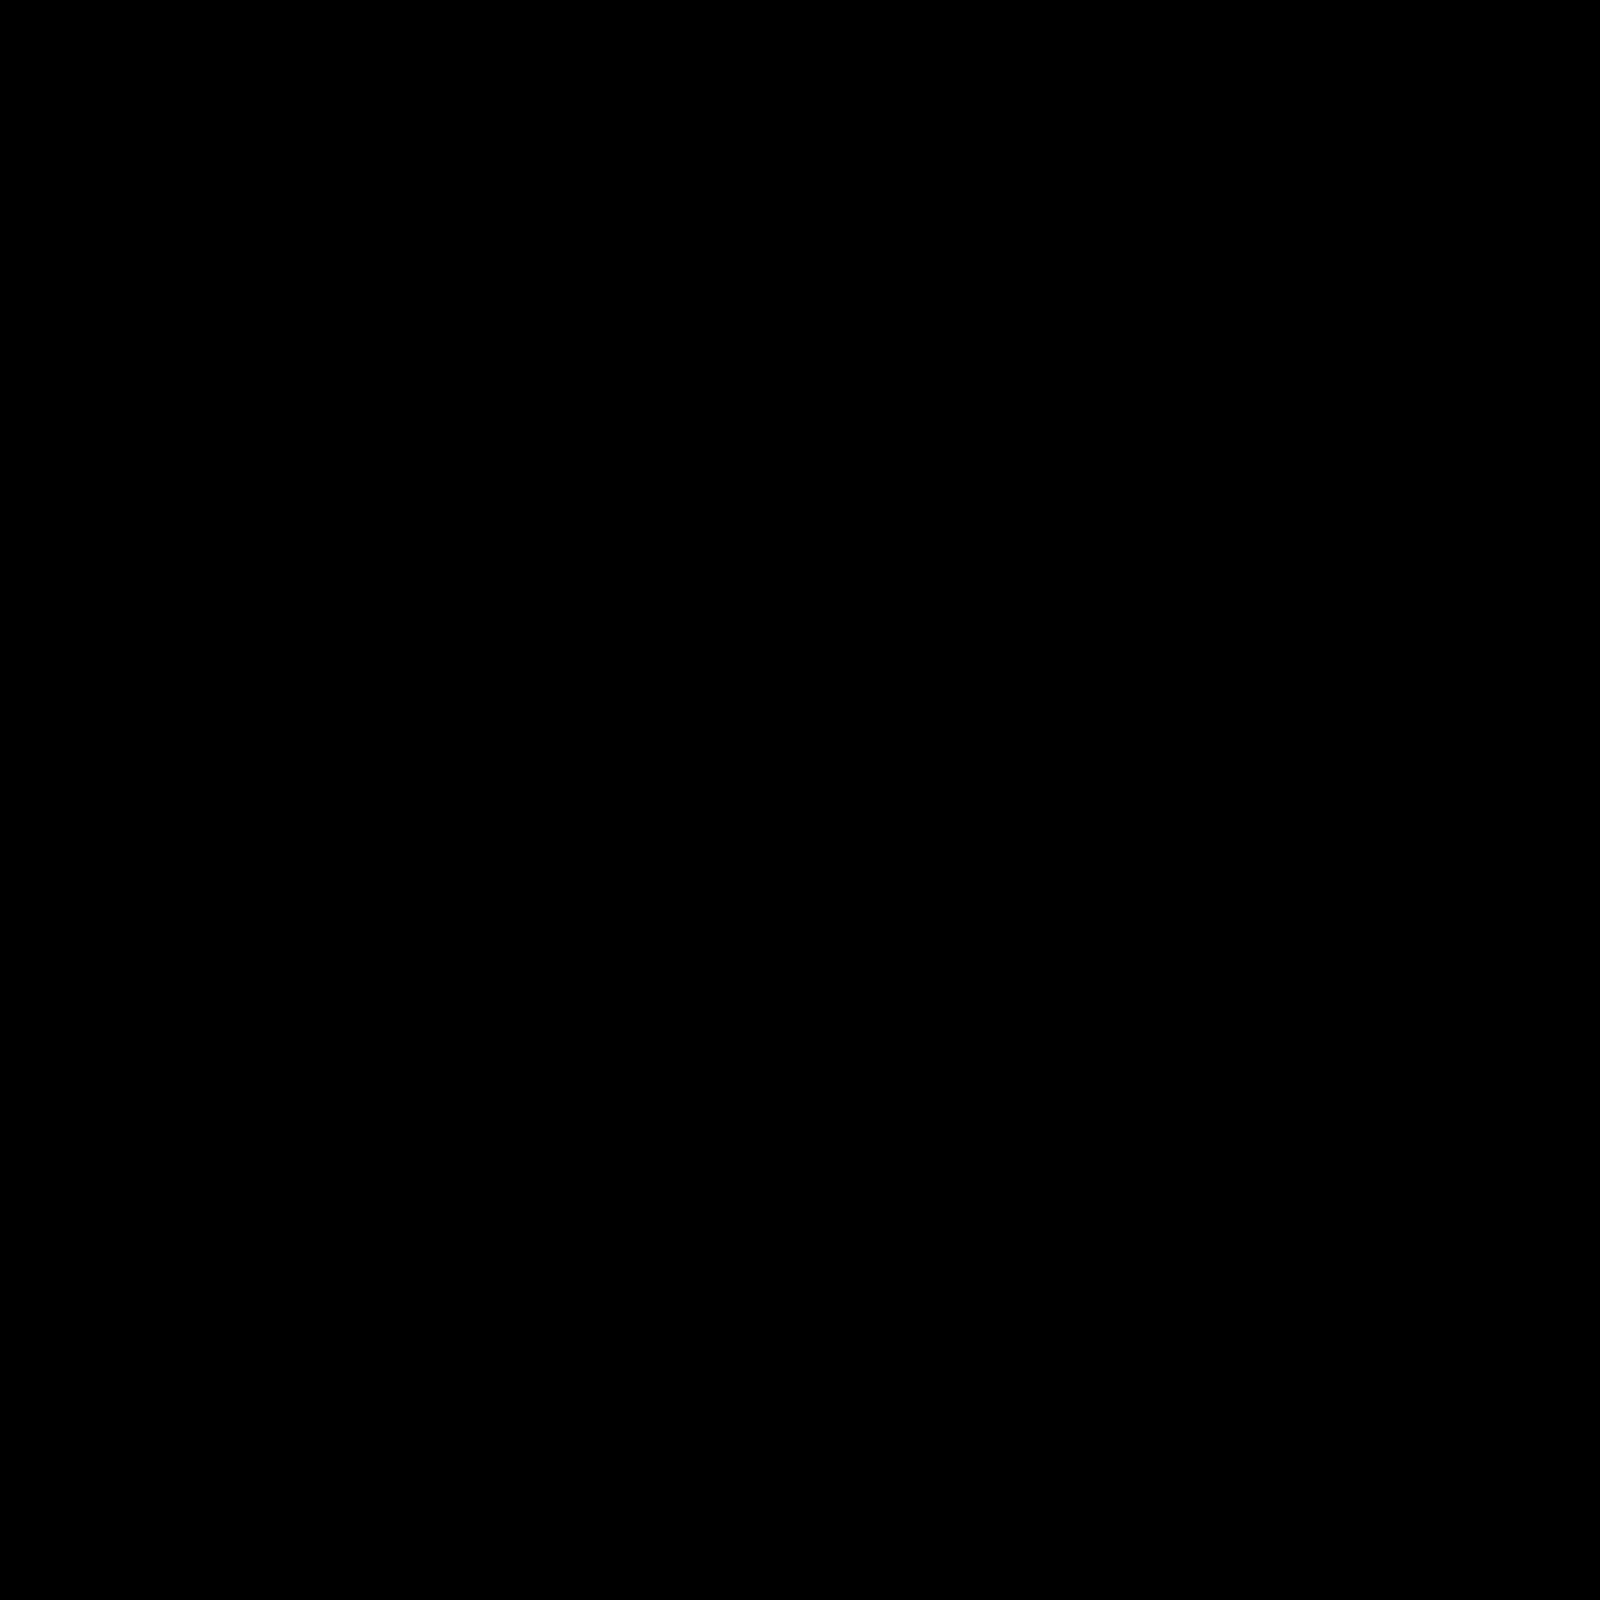 ハンドアップ icon